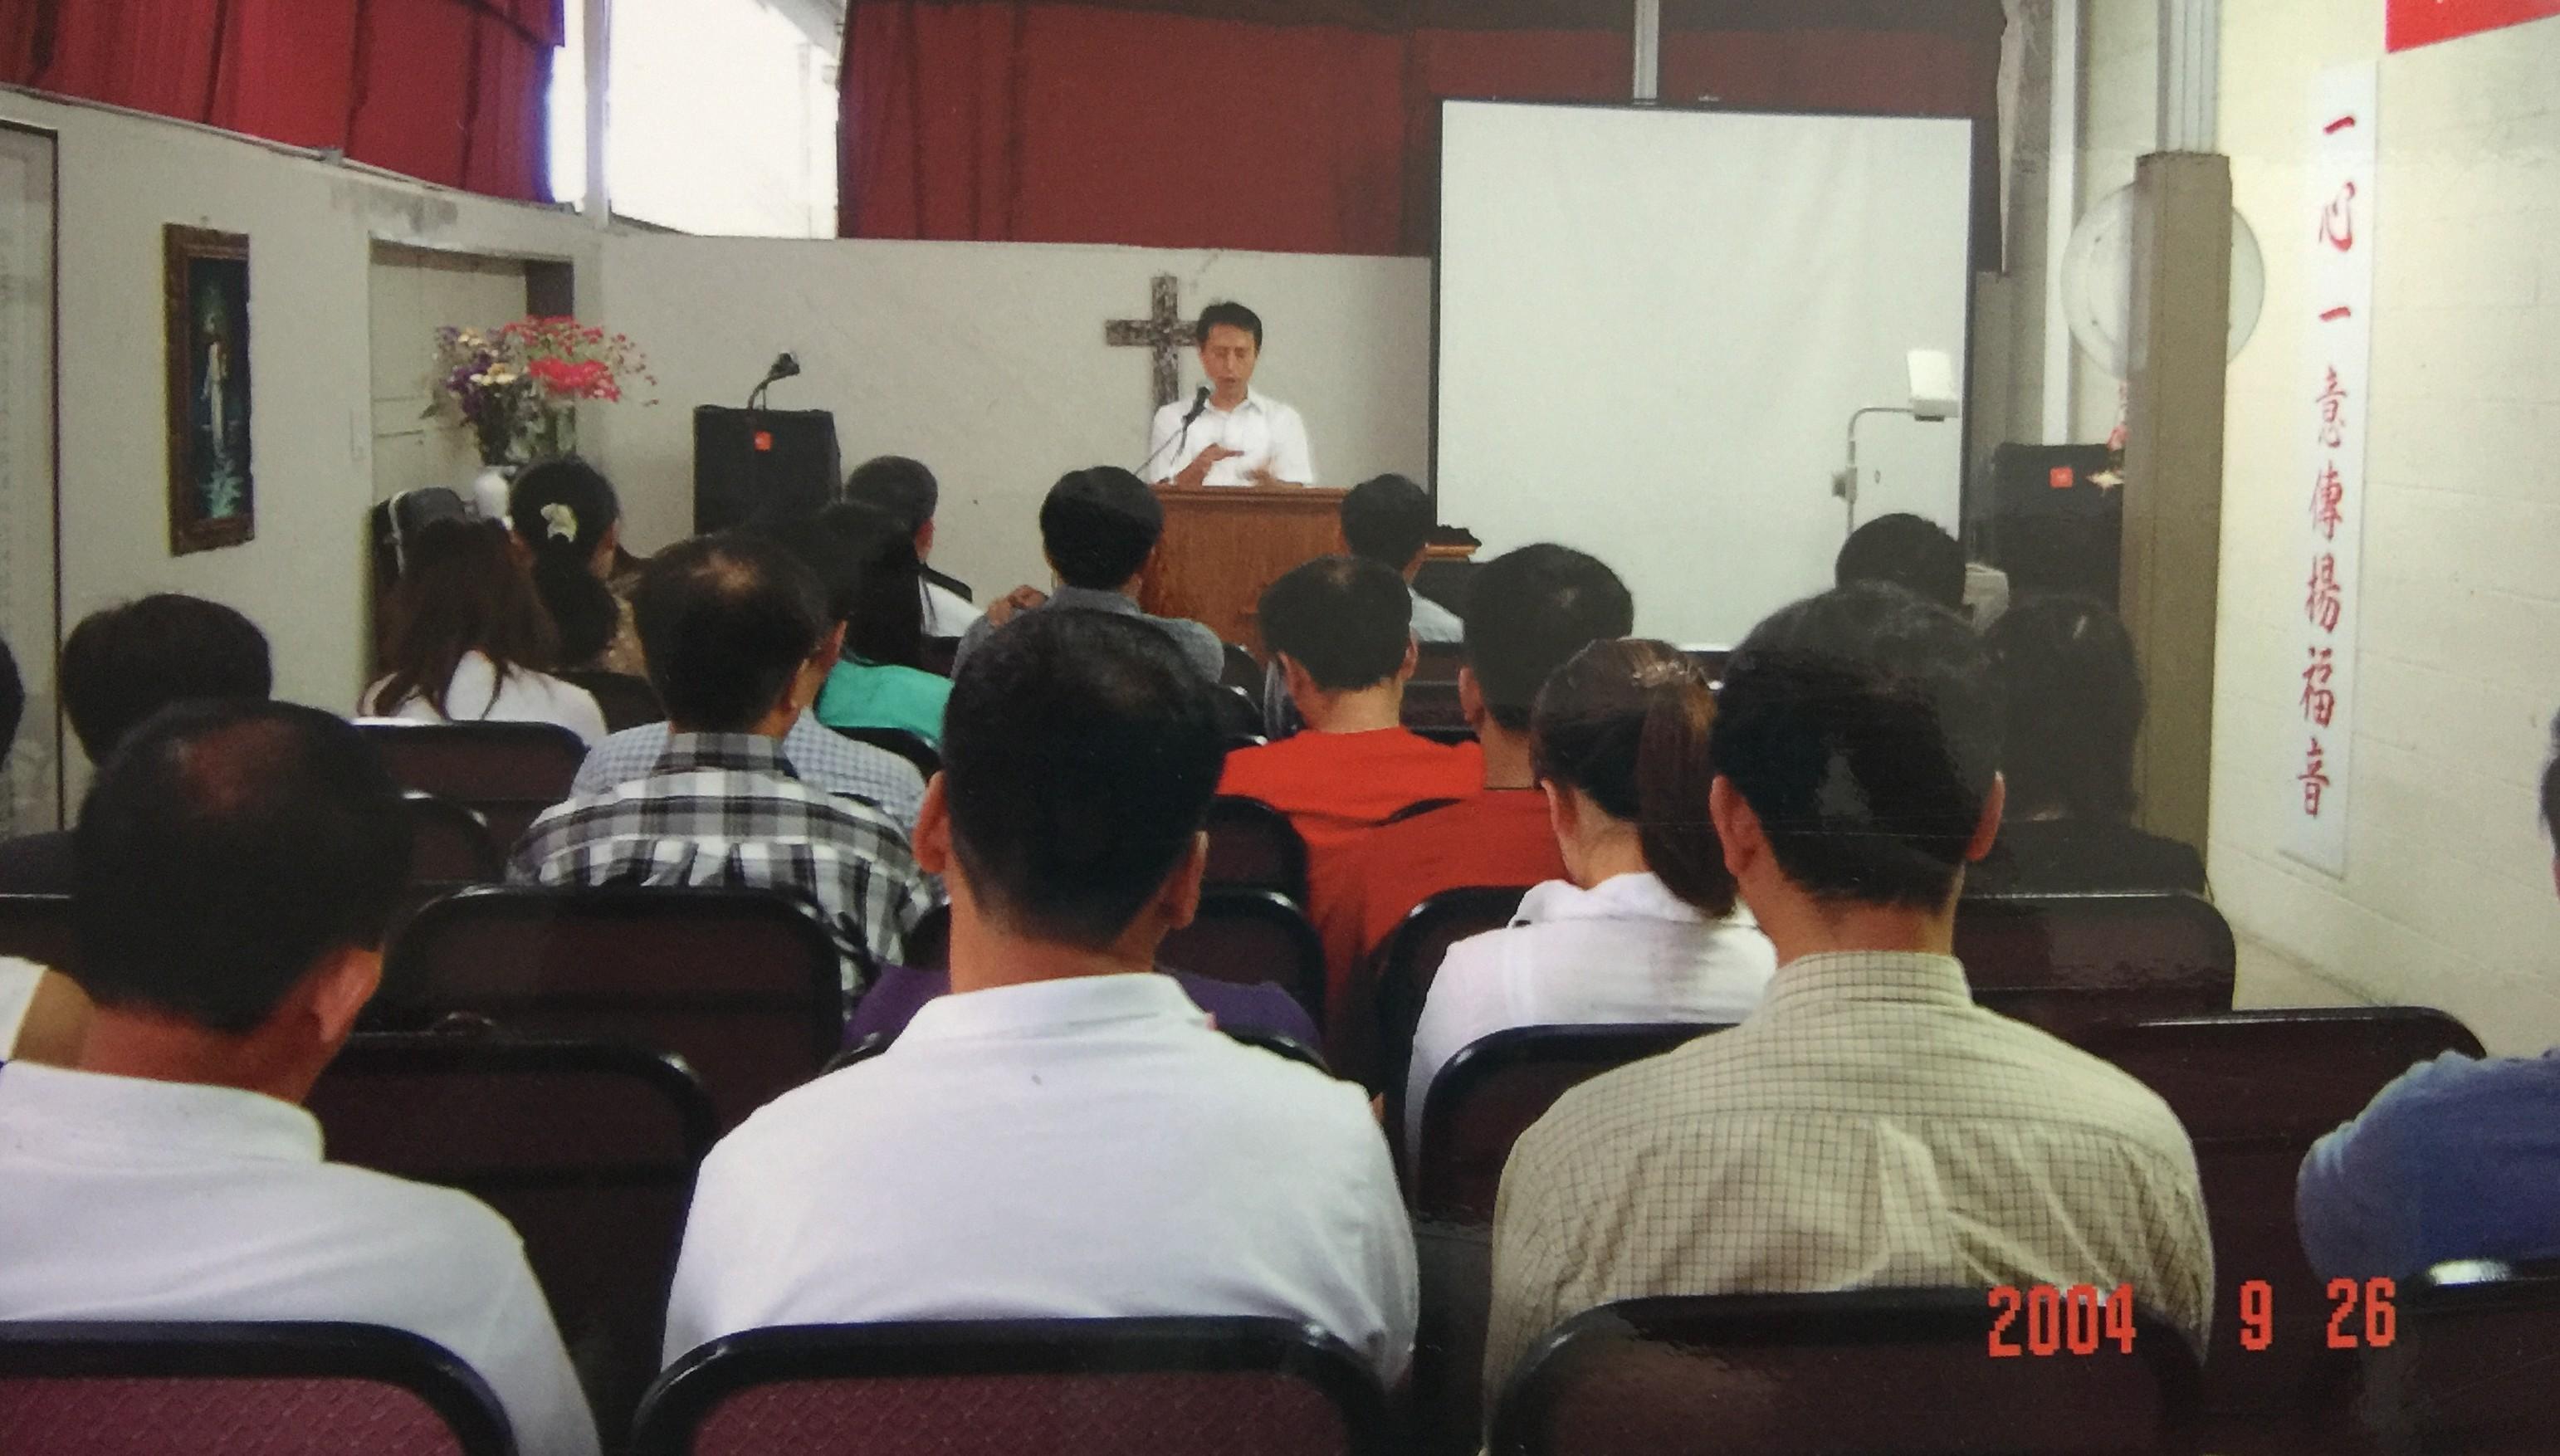 중국 동포 한마음 교회 개척